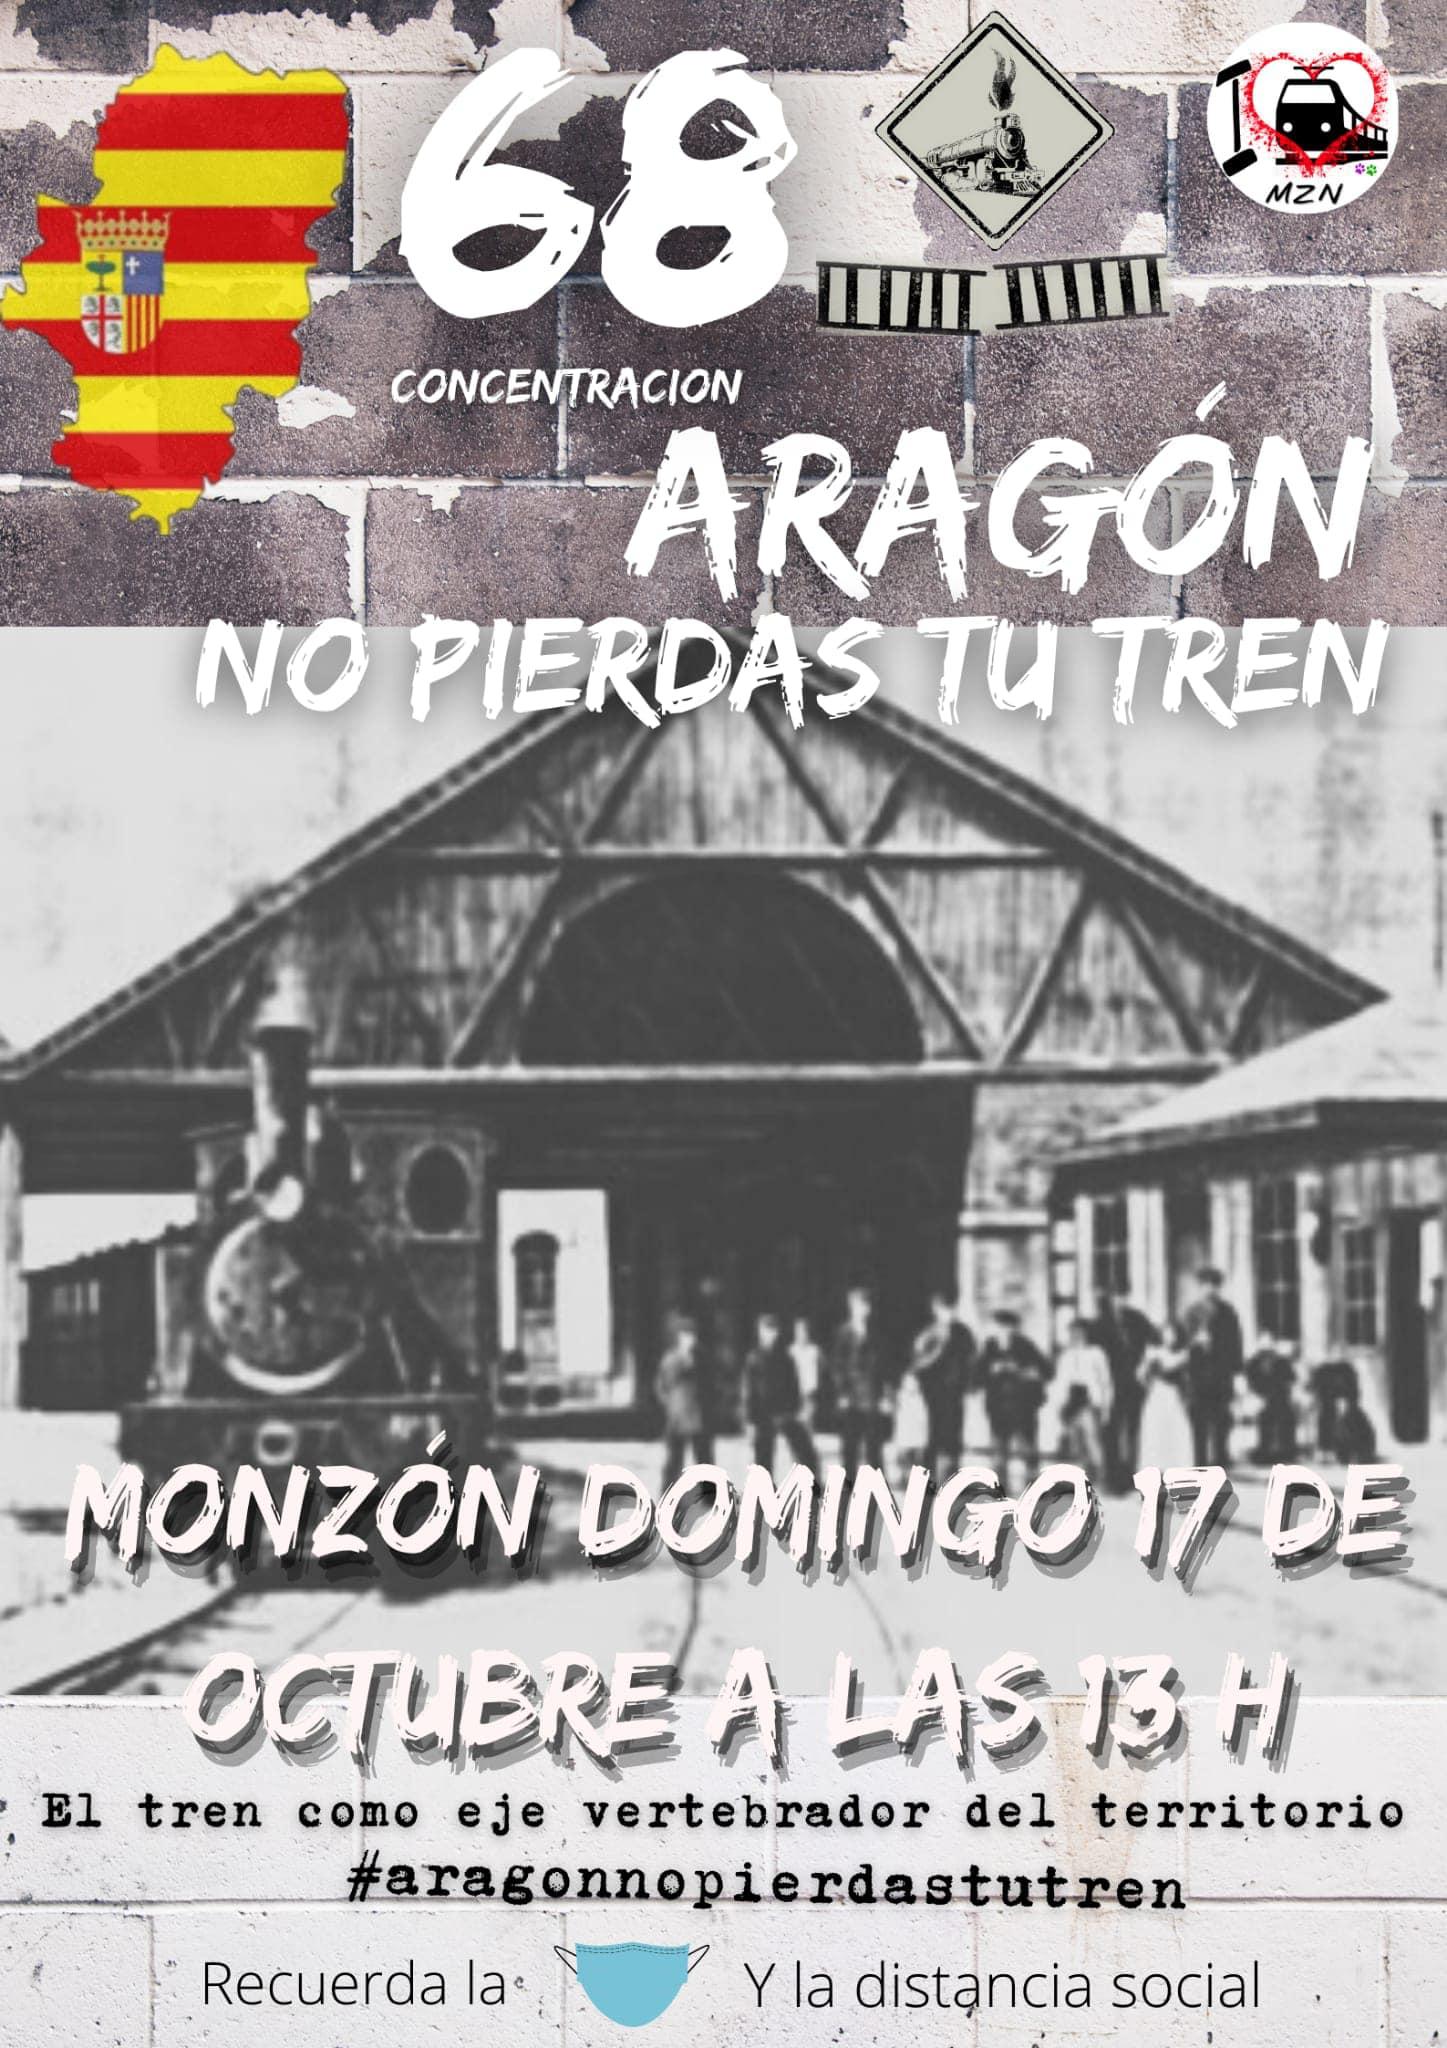 68ª Concentración en Monzón 'Aragón No Pierdas Tu tren'